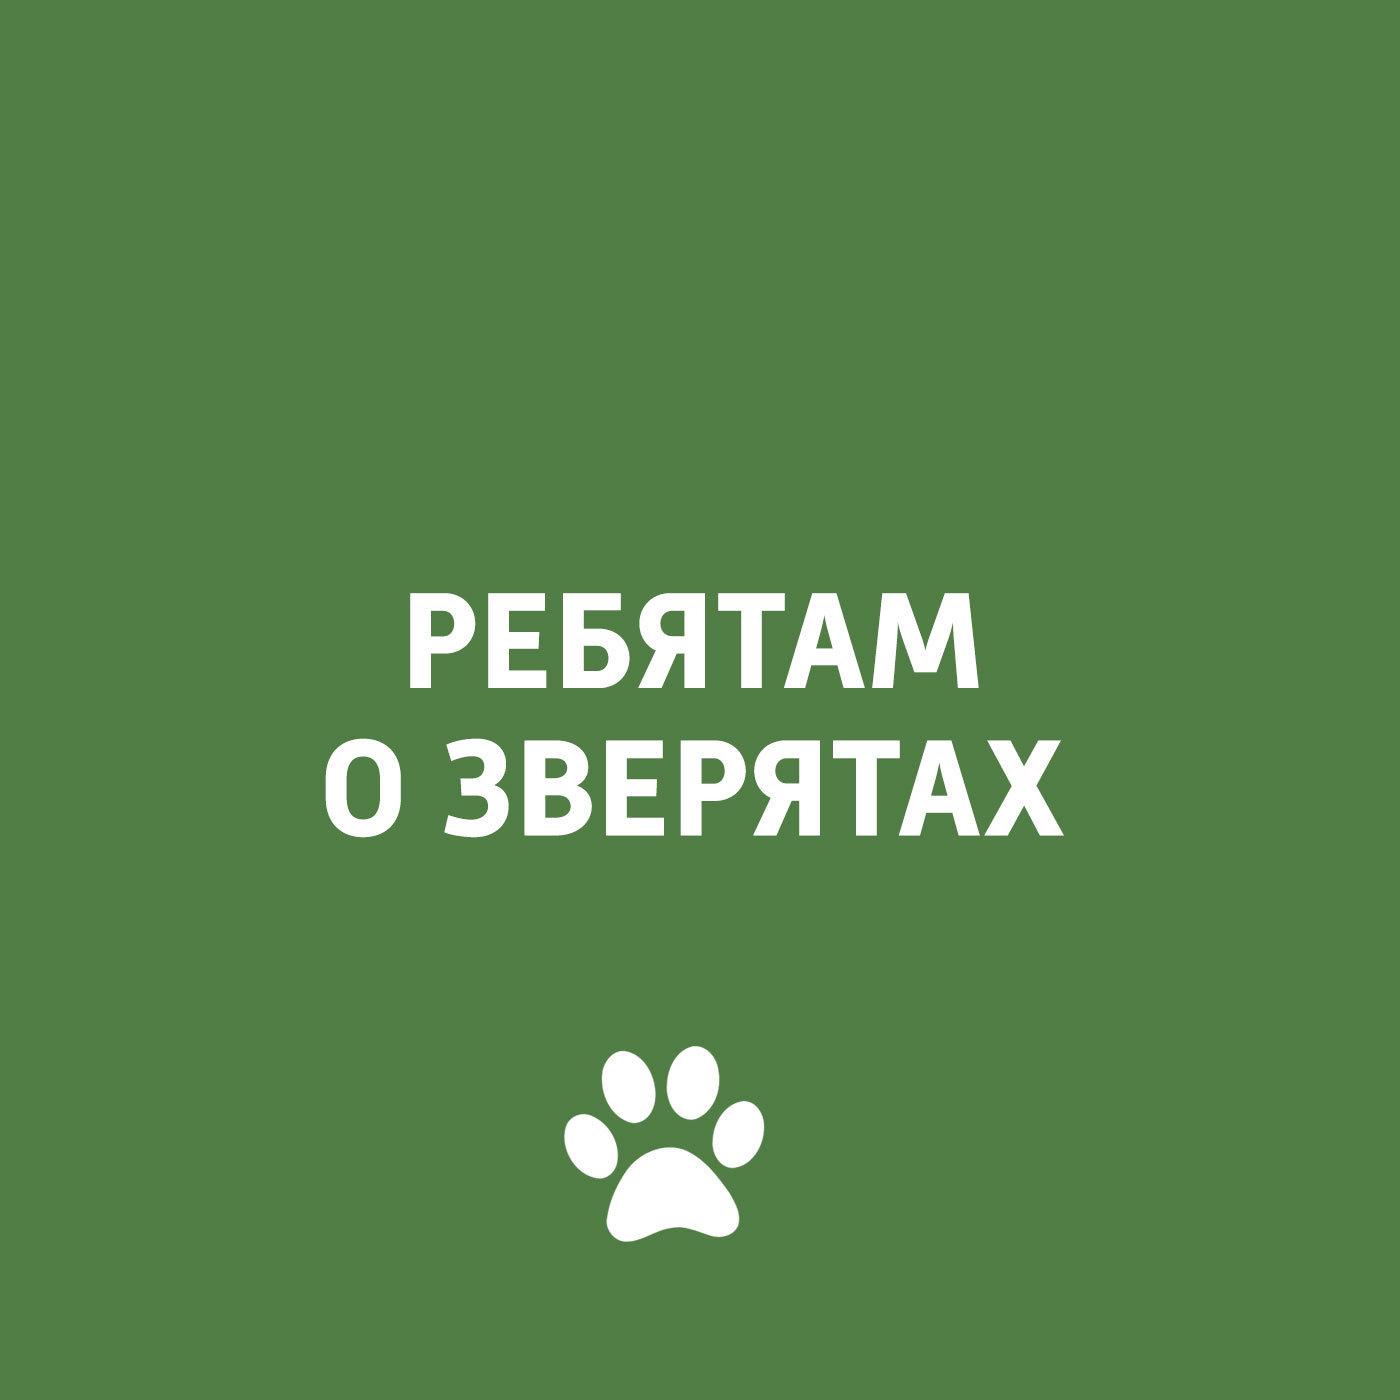 Творческий коллектив программы «Пора домой» Животные и Олимпиада собачьи истории